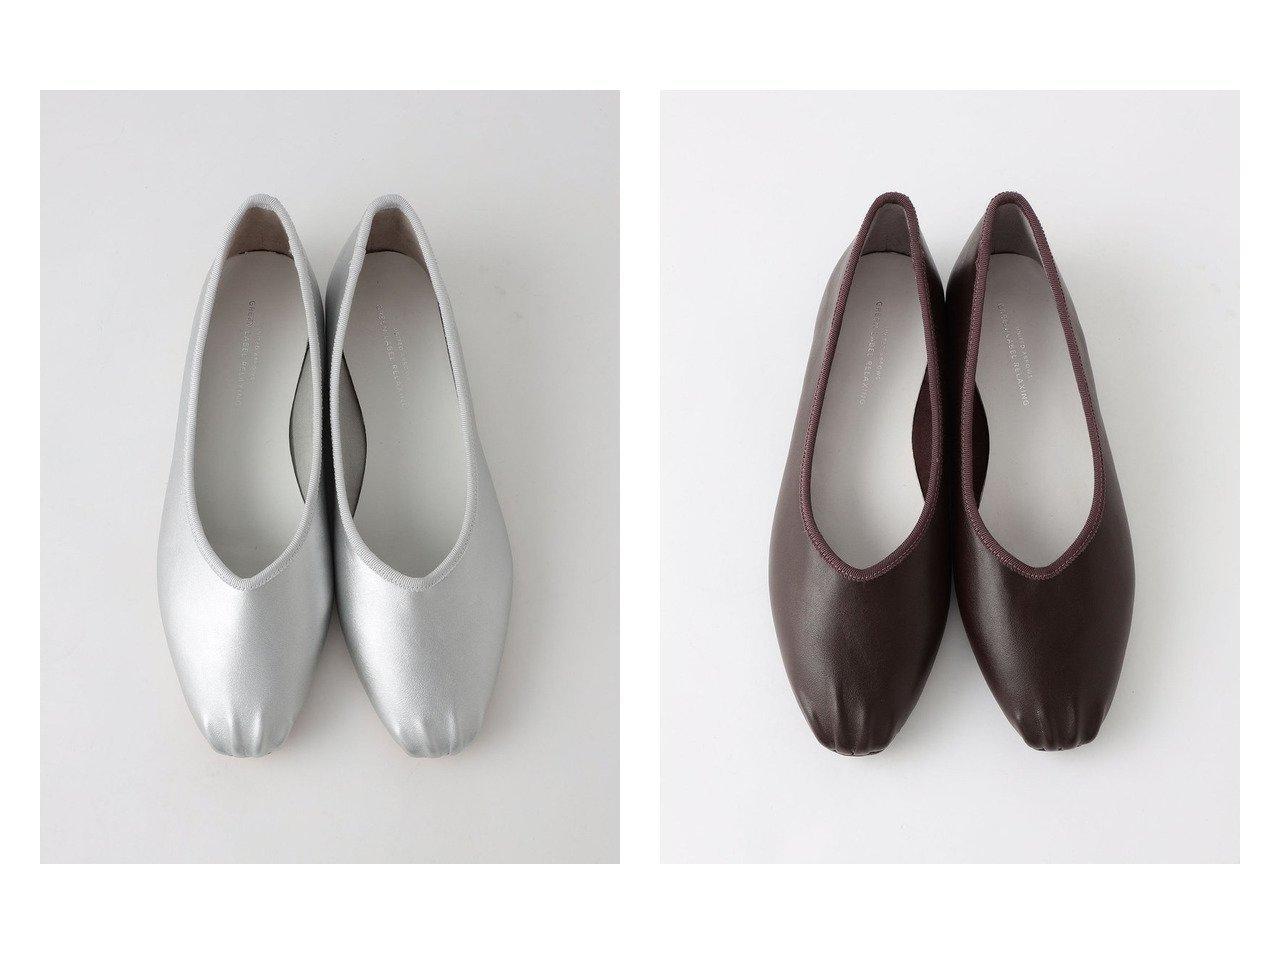 【green label relaxing / UNITED ARROWS/グリーンレーベル リラクシング / ユナイテッドアローズ】のSC スクエア フラット レインシューズ 【シューズ・靴】おすすめ!人気、トレンド・レディースファッションの通販   おすすめで人気の流行・トレンド、ファッションの通販商品 インテリア・家具・メンズファッション・キッズファッション・レディースファッション・服の通販 founy(ファニー) https://founy.com/ ファッション Fashion レディースファッション WOMEN シューズ スクエア バレエ フラット  ID:crp329100000064836